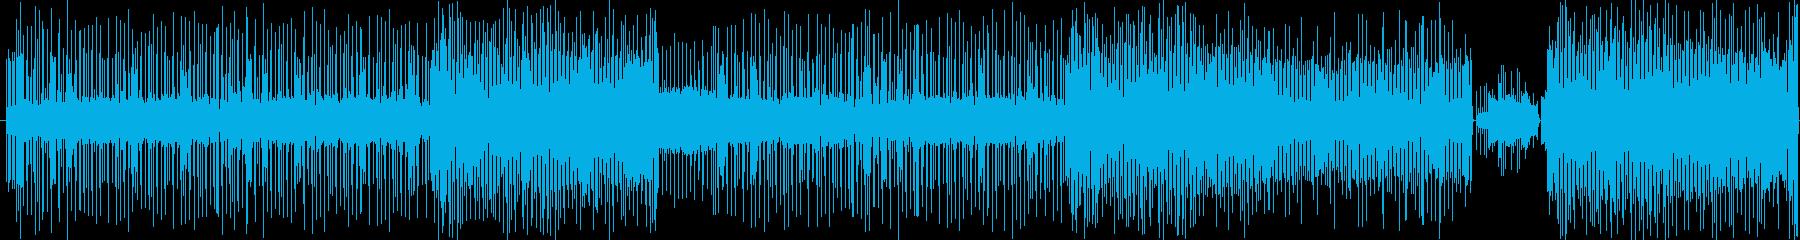 チップチューン風インストの再生済みの波形